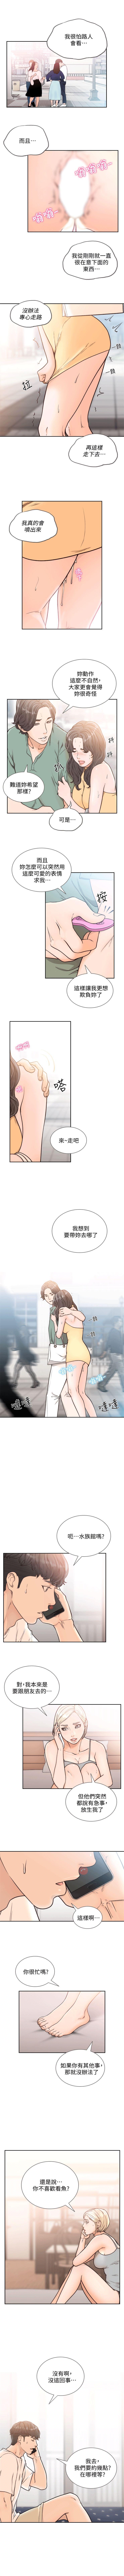 前女友 1-48 中文翻译(更新中) 110